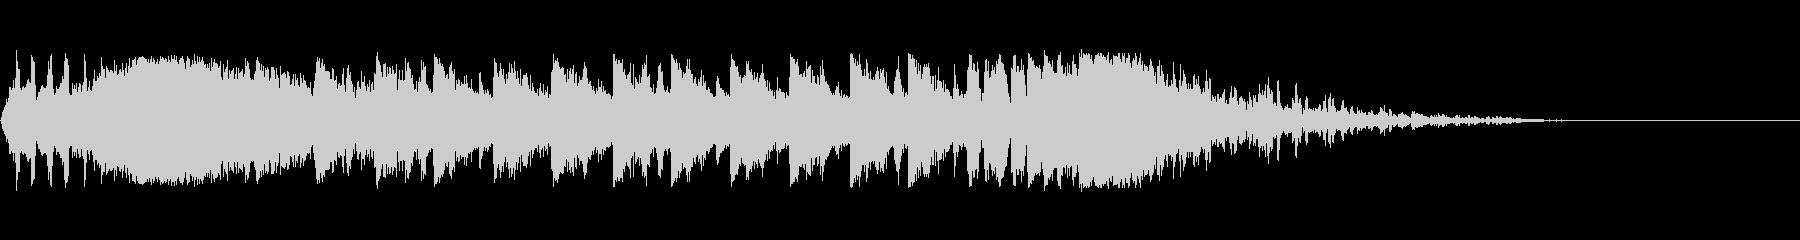 ウェイクアップブラームスIDベッド2の未再生の波形